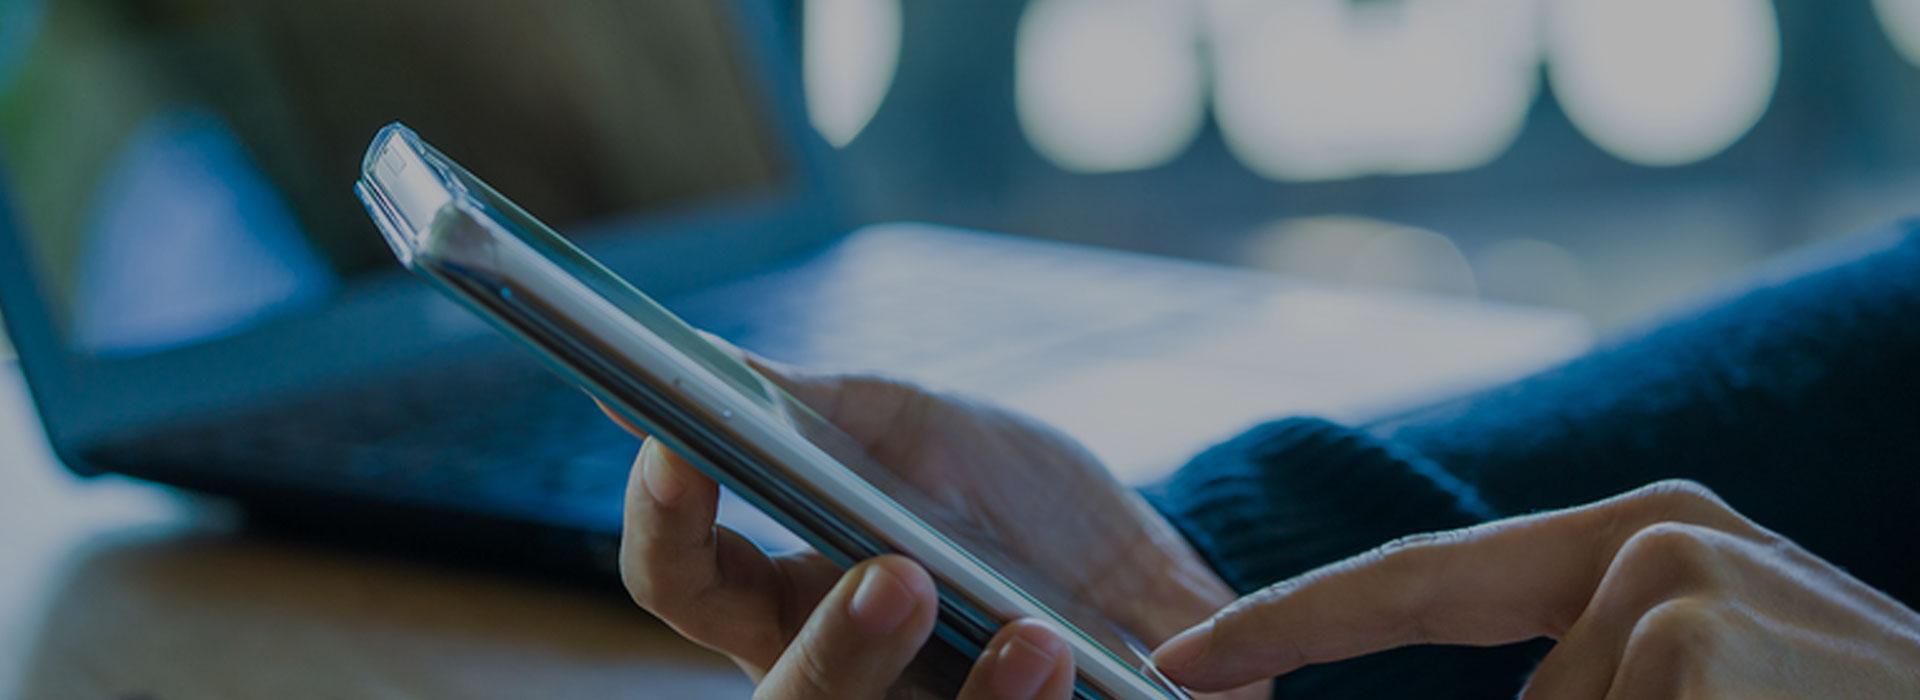 בניית אתר לעסק שלך<br />כדי למכור ולהגדיל הכנסות